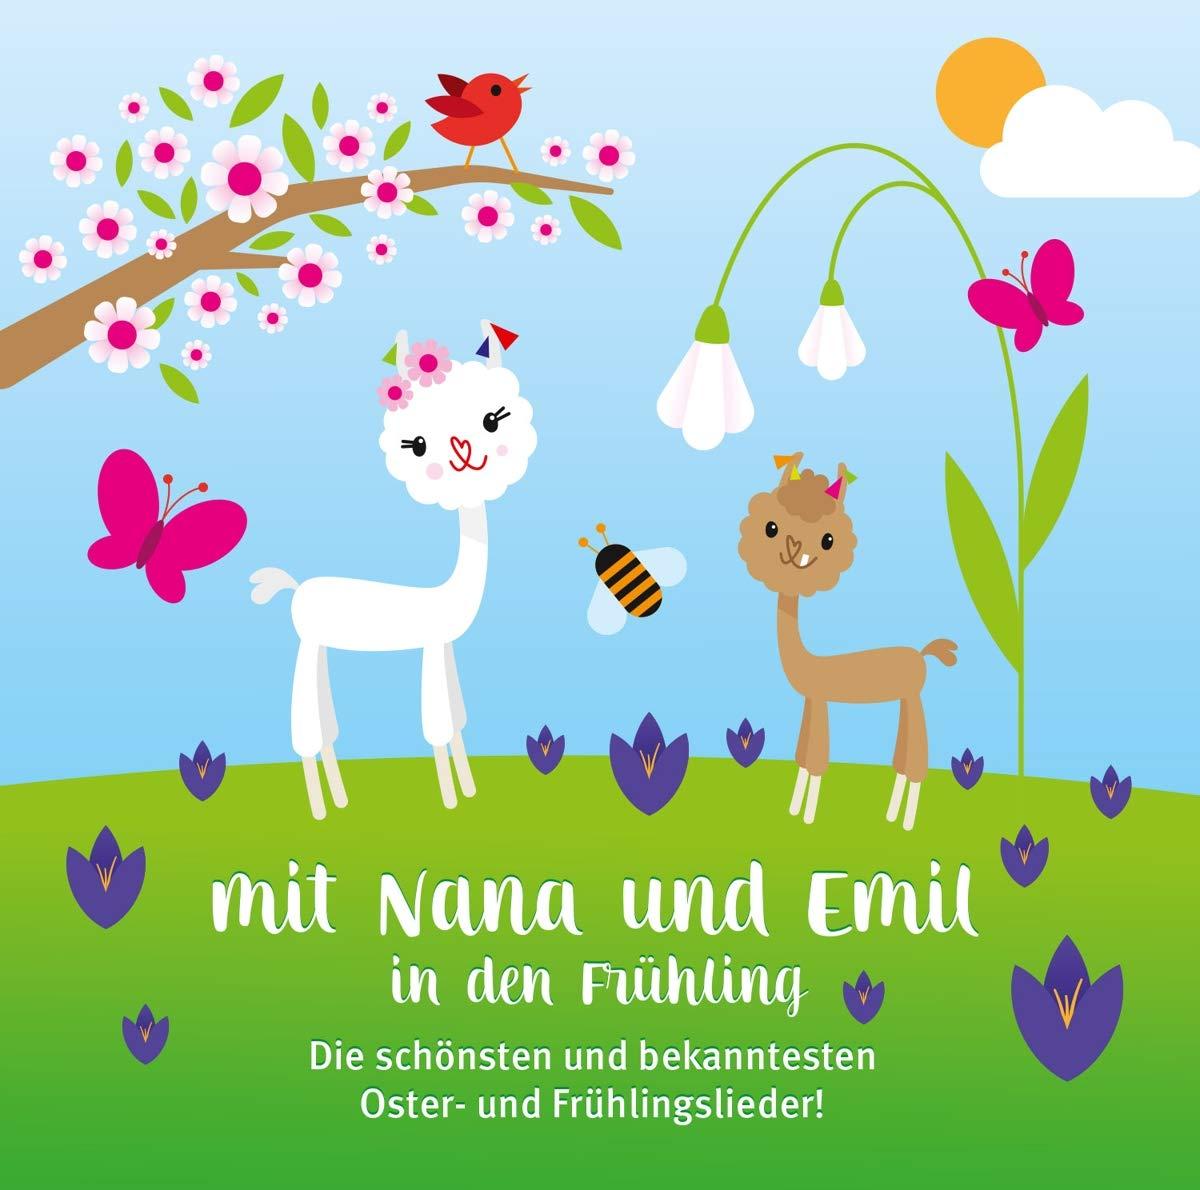 купить Nana Und Emil. Nana Und Emil Freuen Sich Auf онлайн